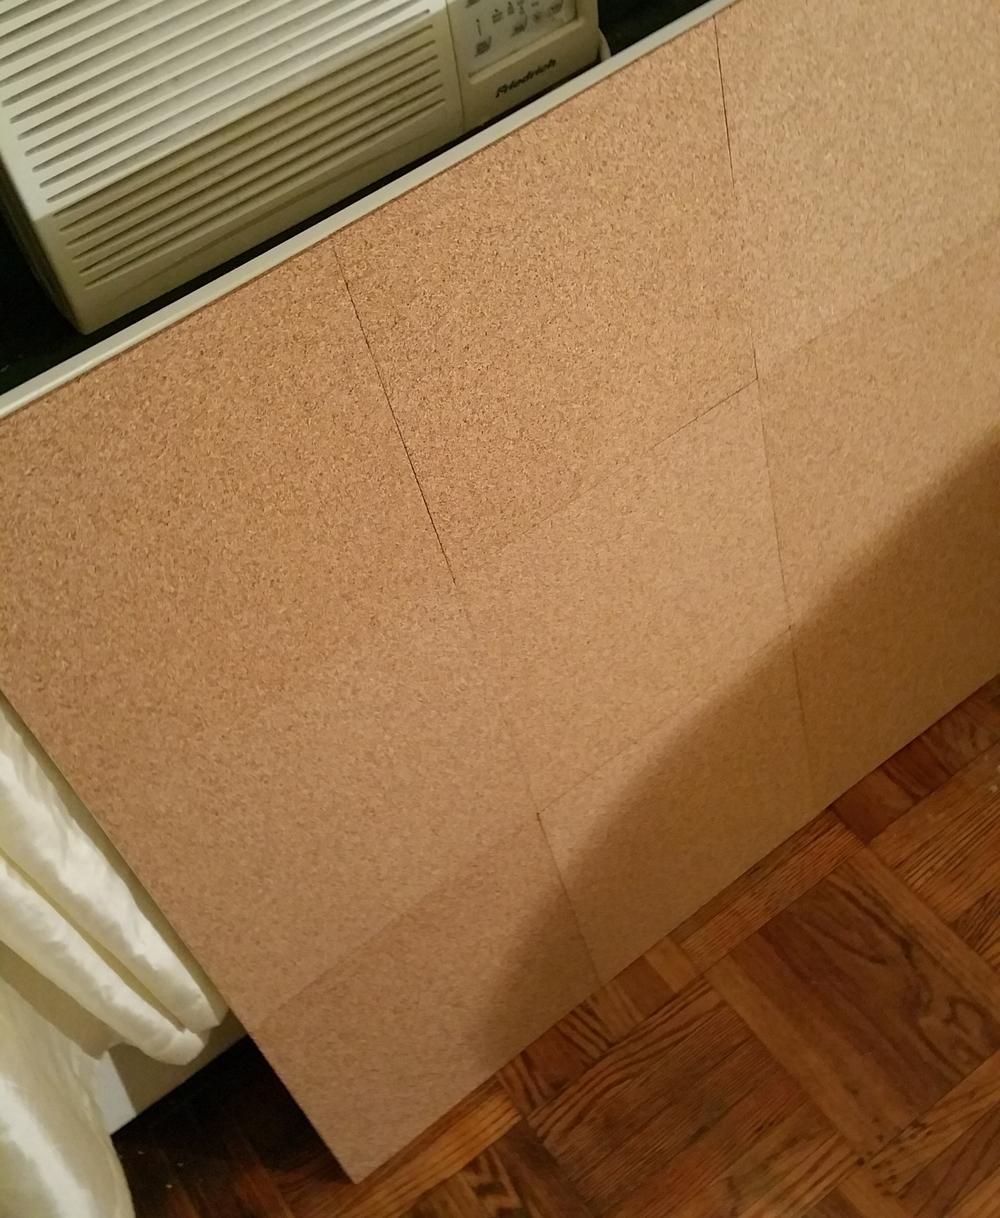 Asembled Cork Board